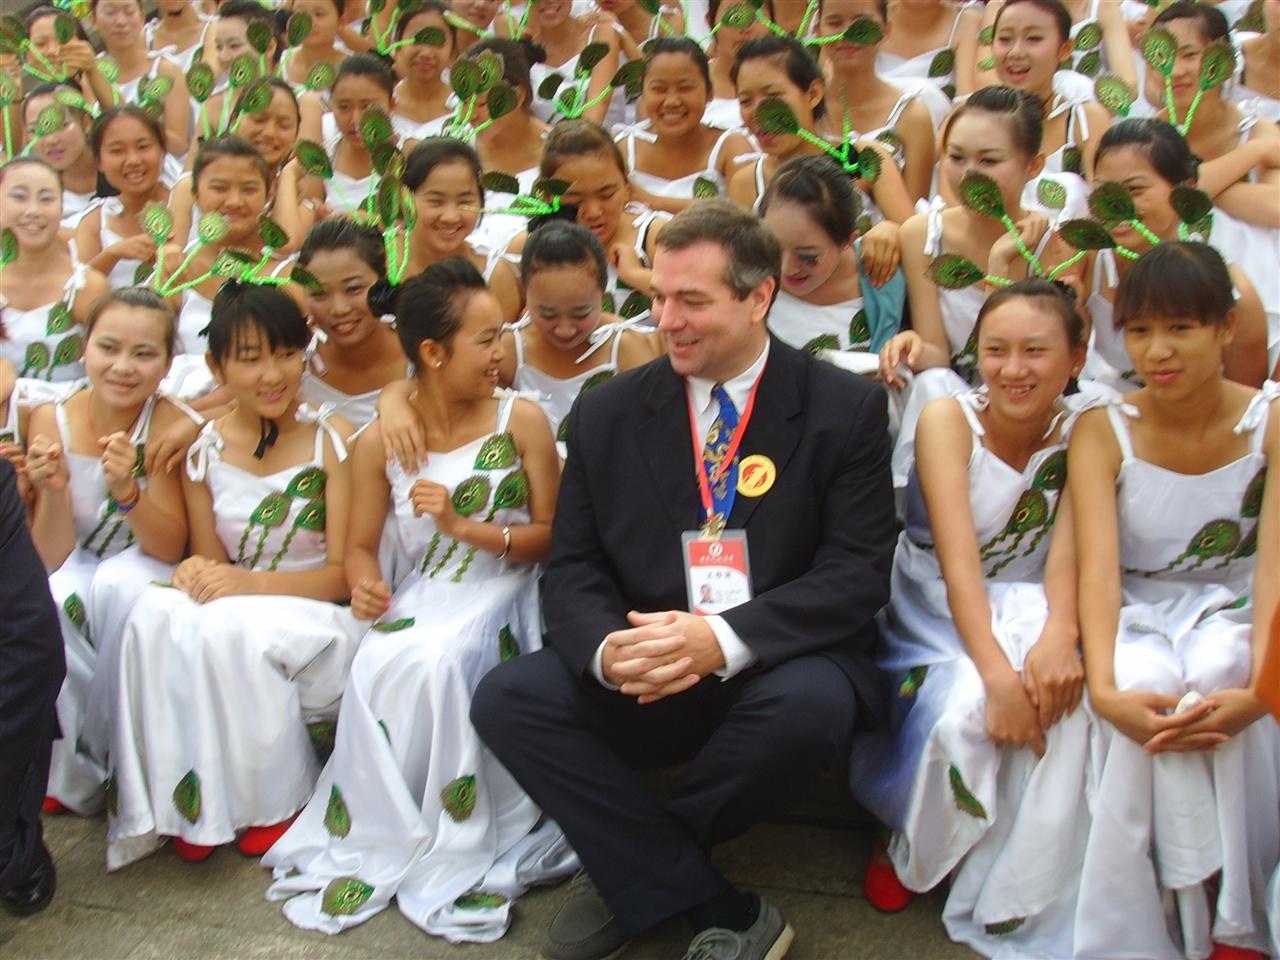 世界最大规模的傣族孔雀舞表演——2013年德宏泼水节傣族孔雀舞表演